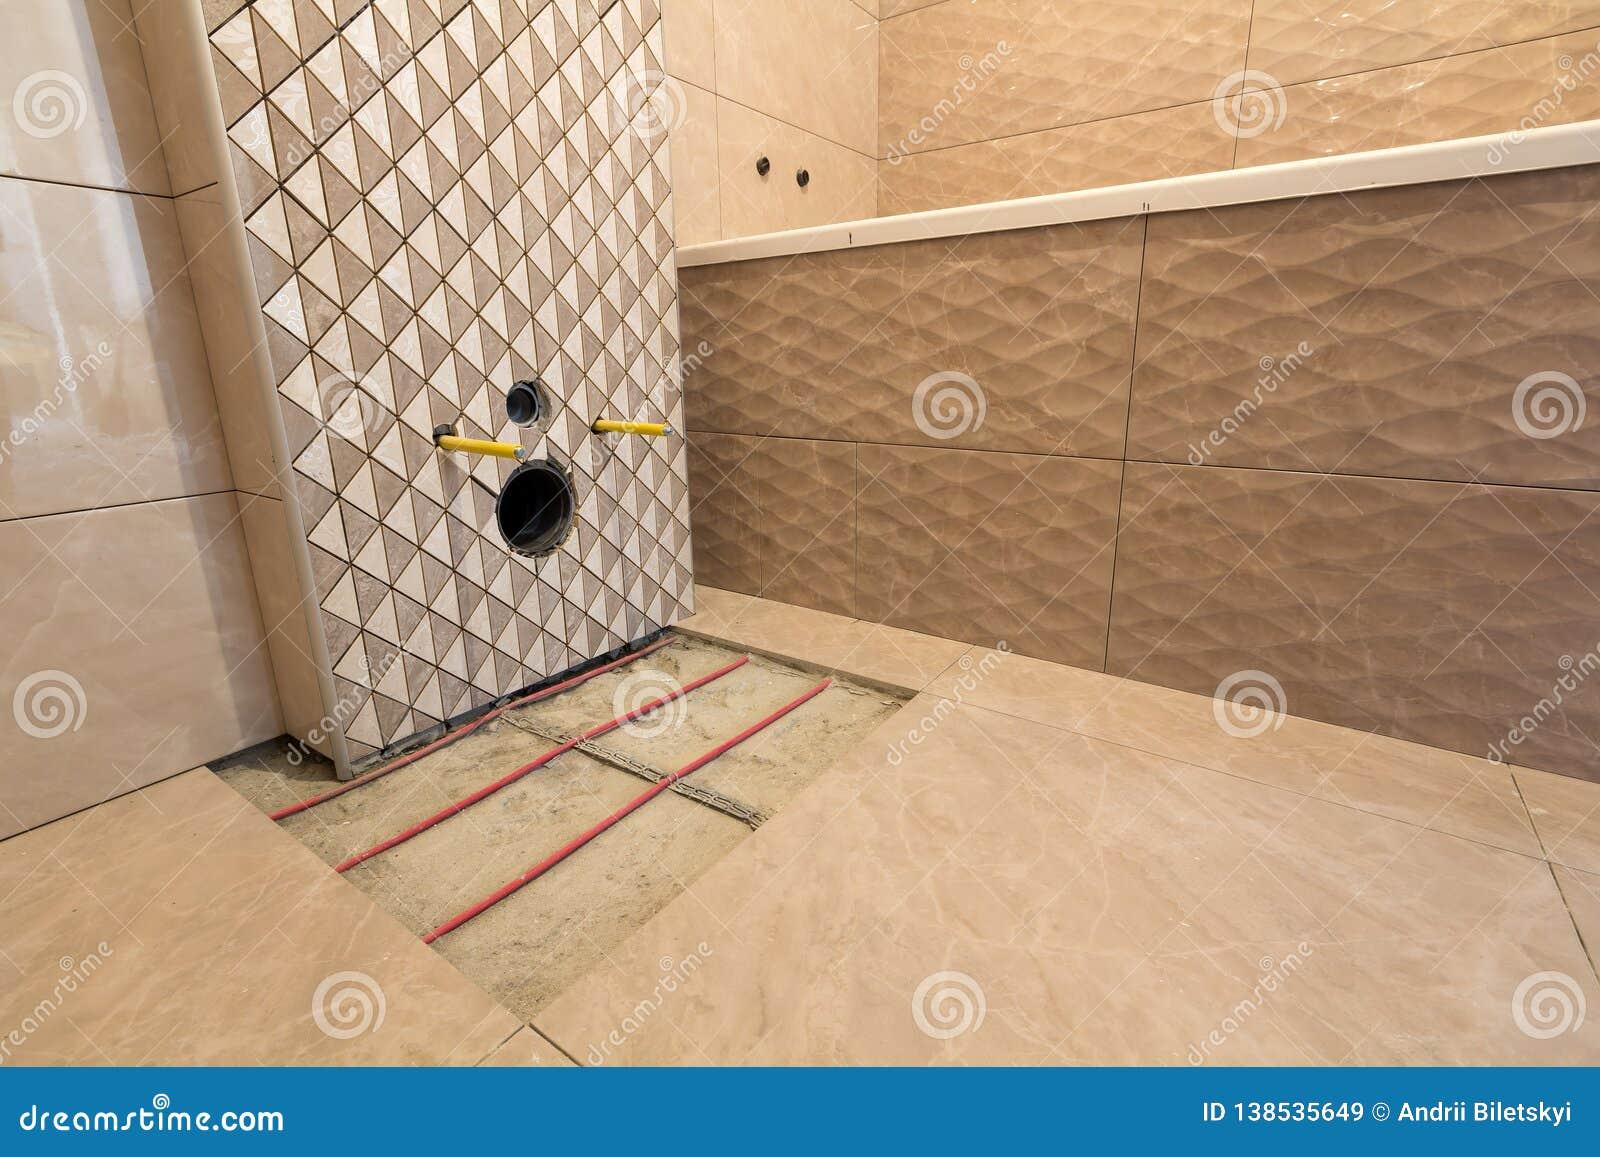 卫生间的未完成的重建有在墙壁,加热电子在水泥地板上的安装的瓷砖的电缆系统和